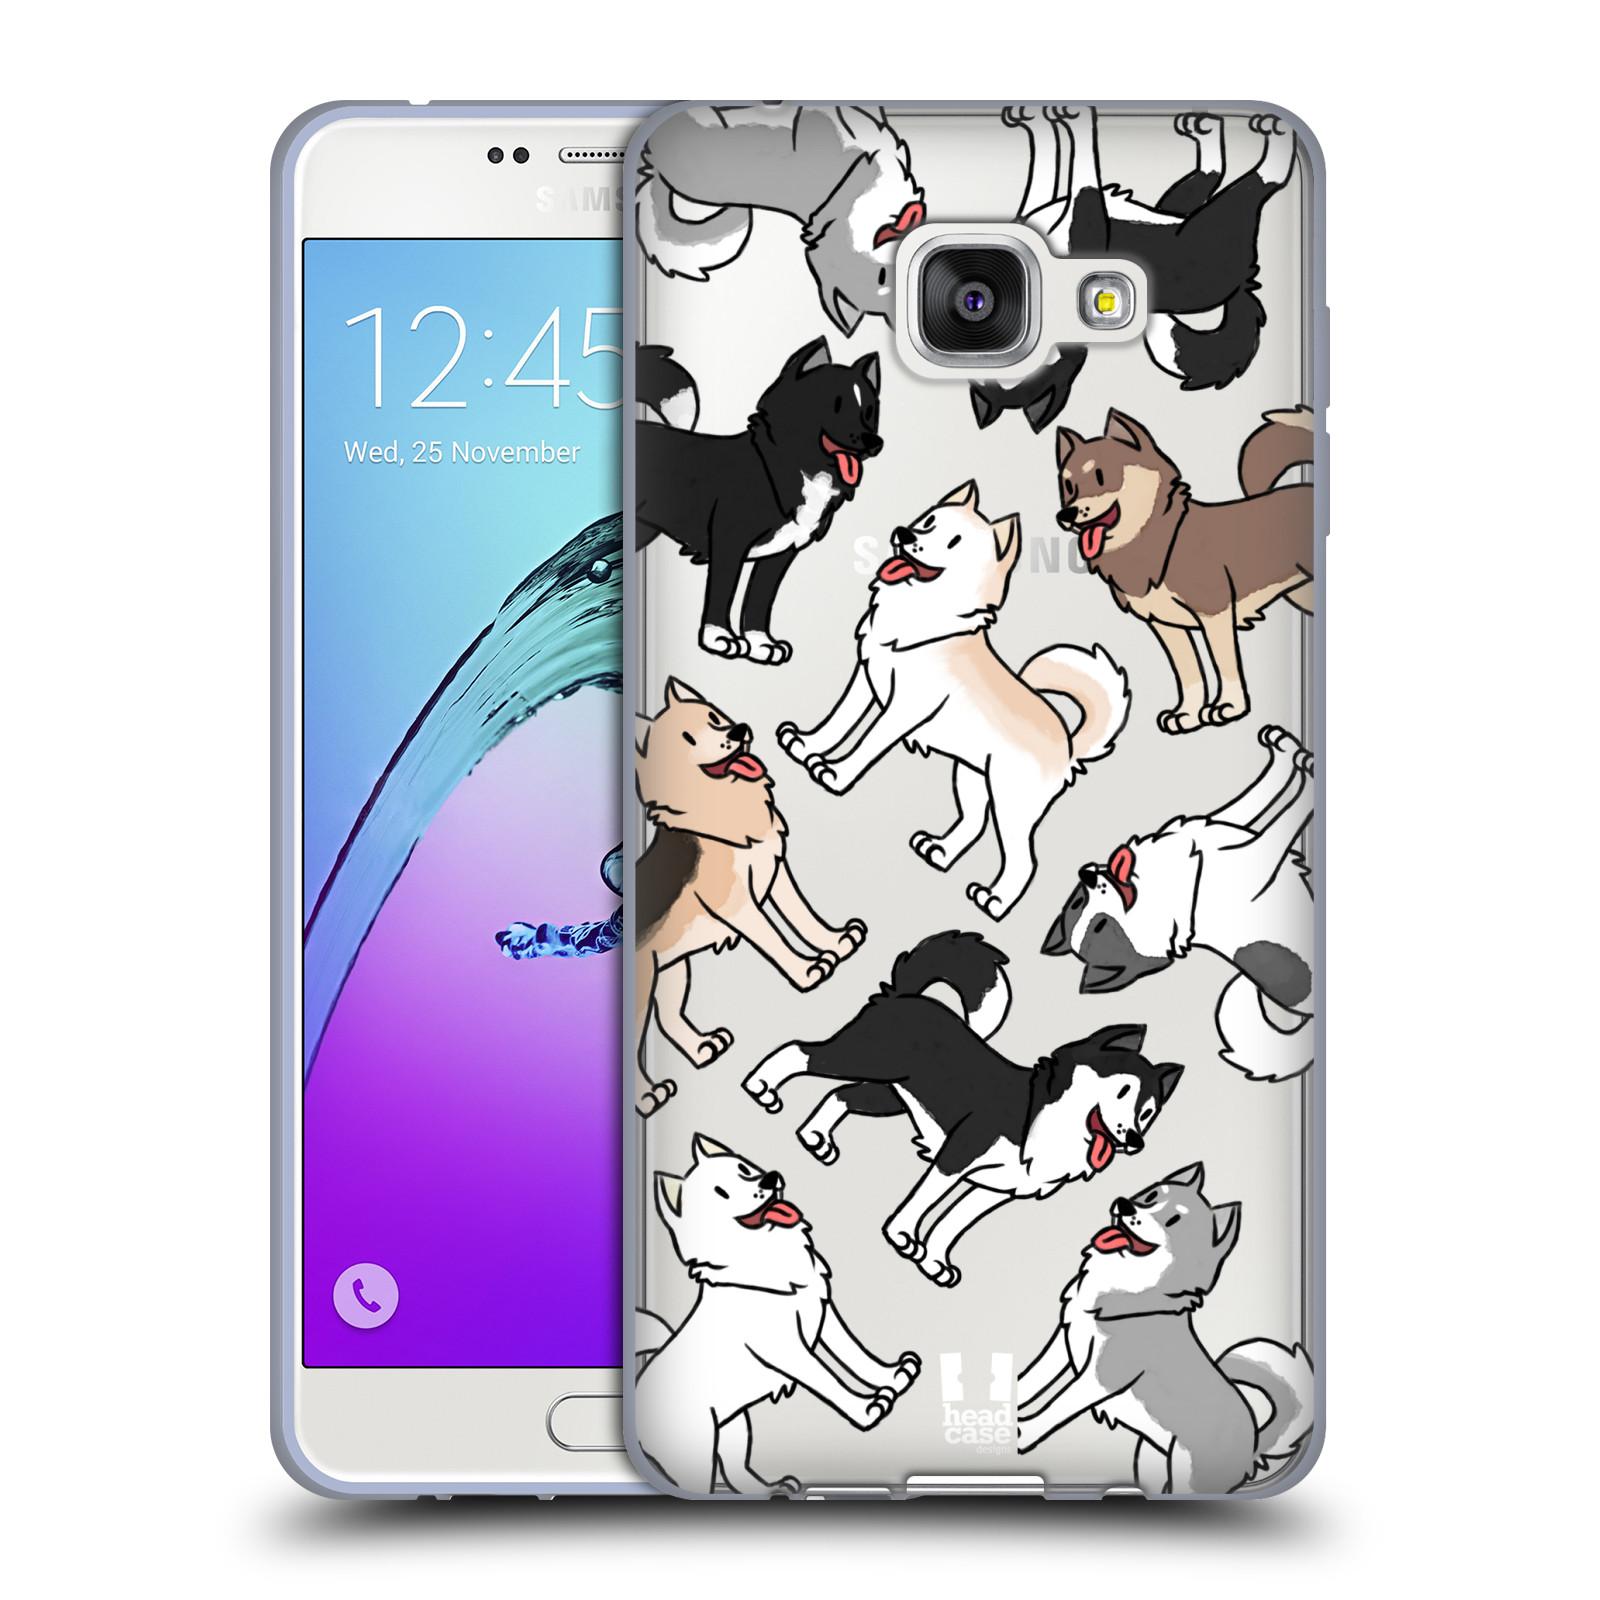 HEAD CASE silikonový obal na mobil Samsung Galaxy A7 2016 (A710) pejsek Sibiřský husky